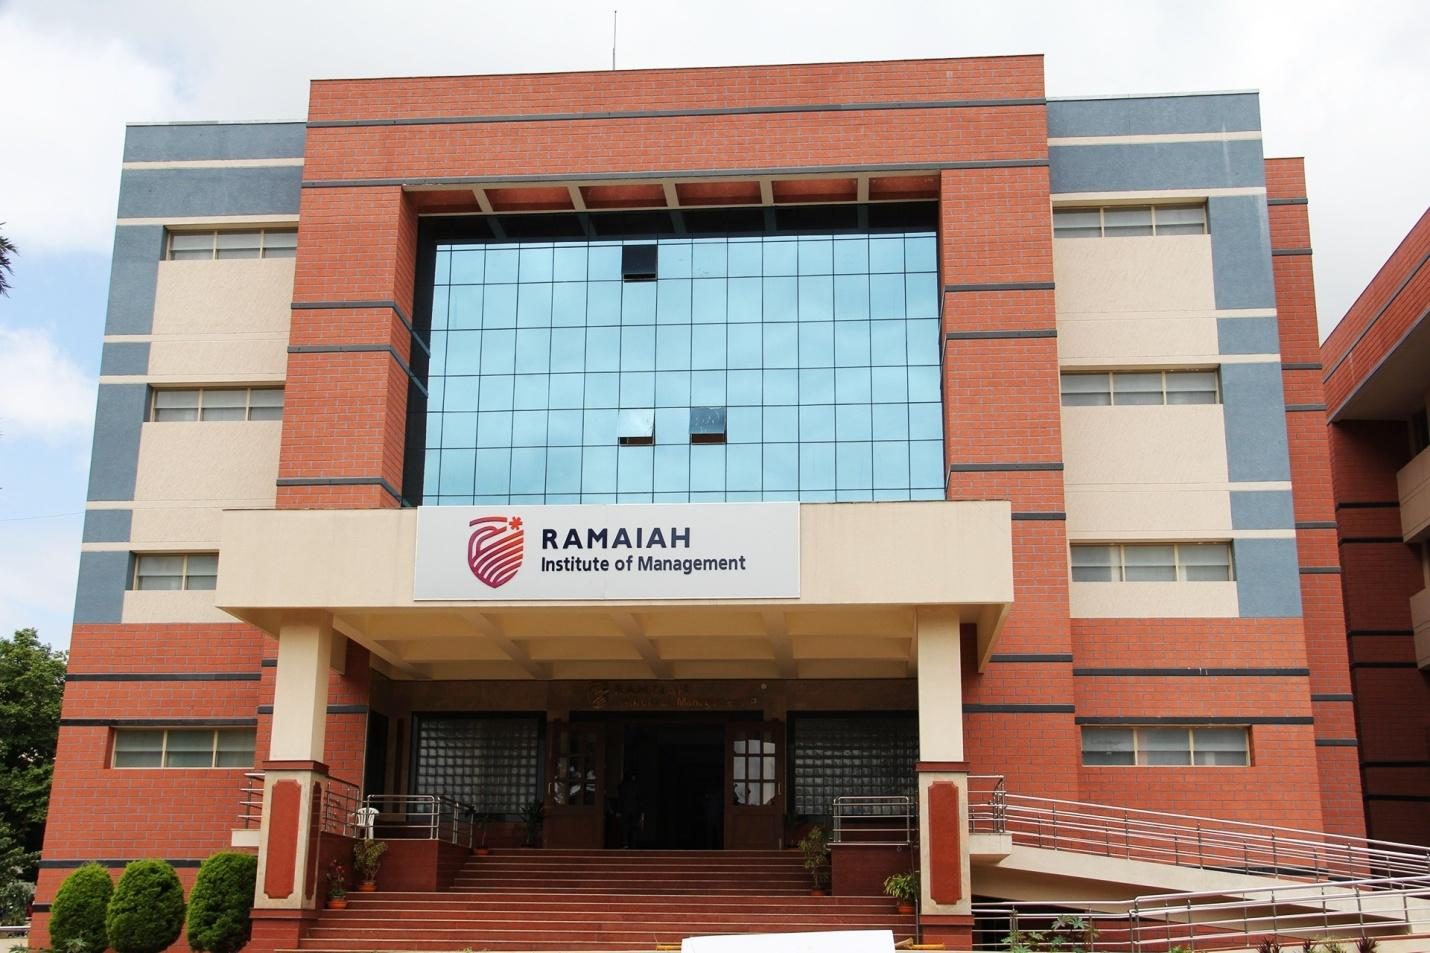 Ramaiah Institute of Management